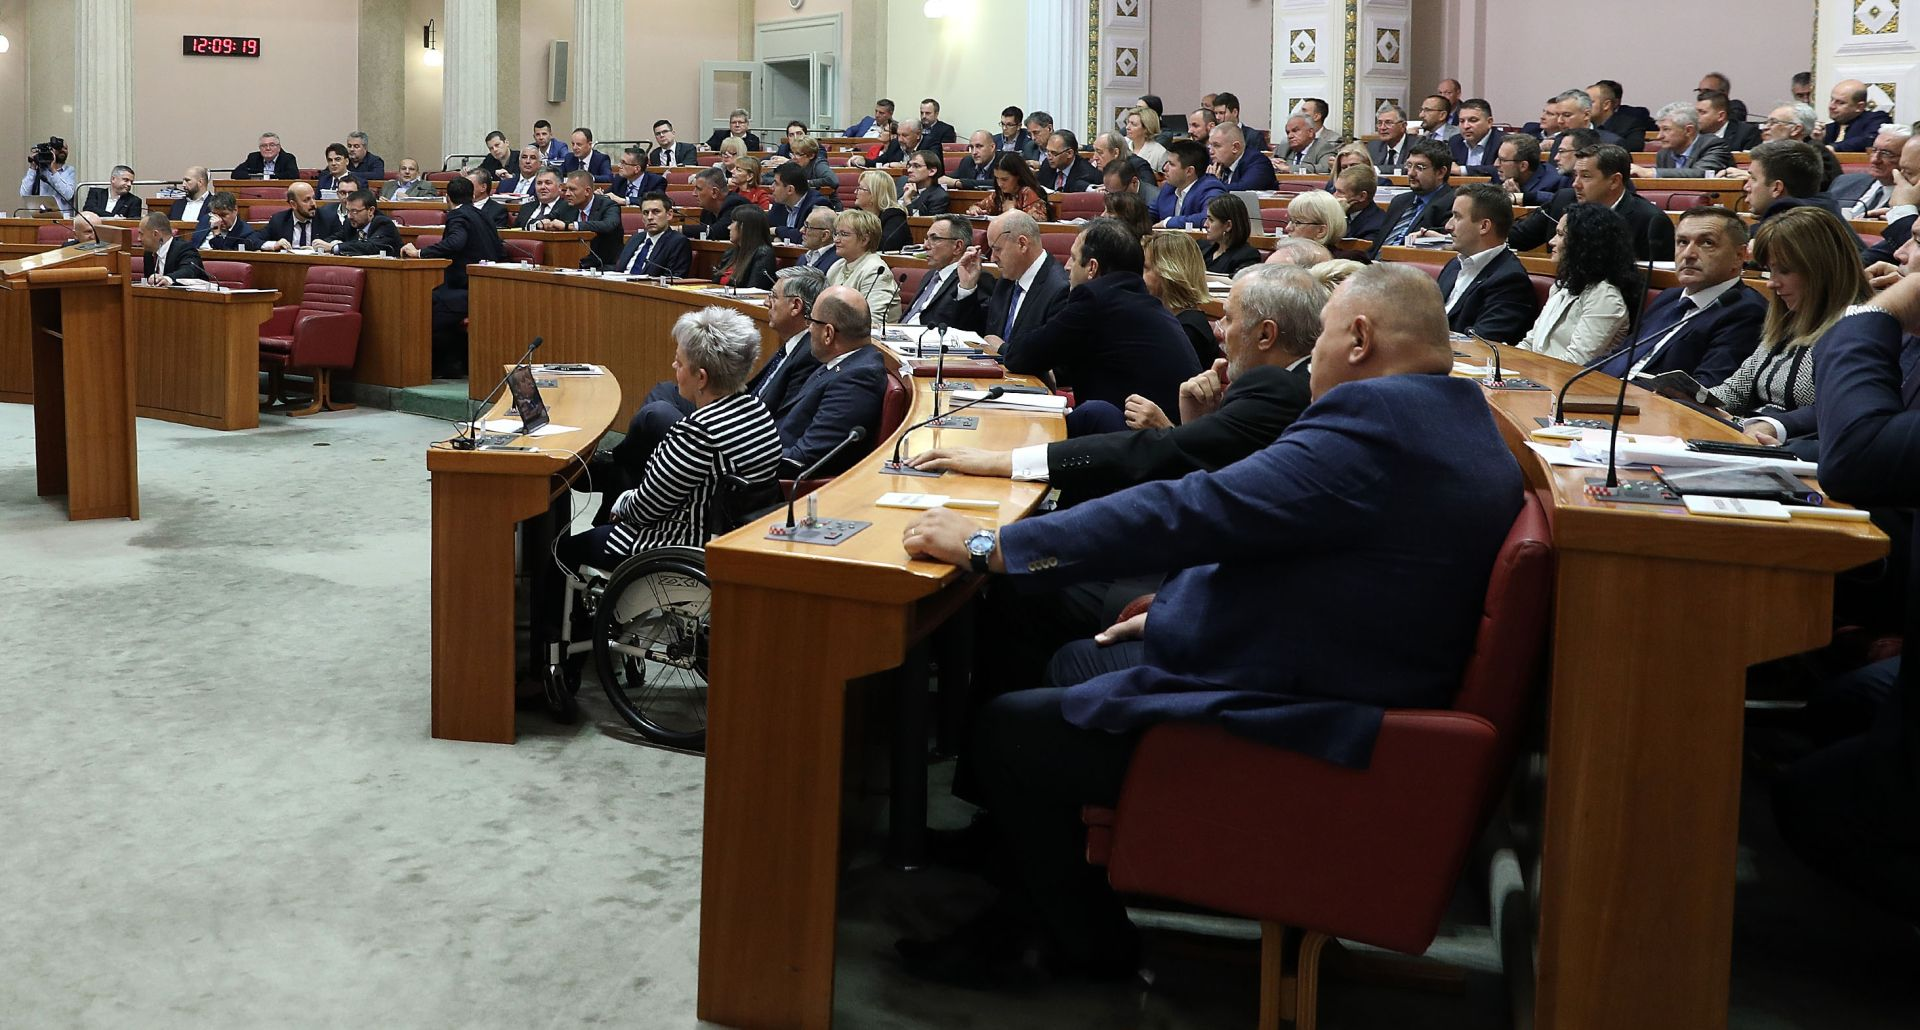 SABOR Plenkovićevoj vladi 'palac gore'